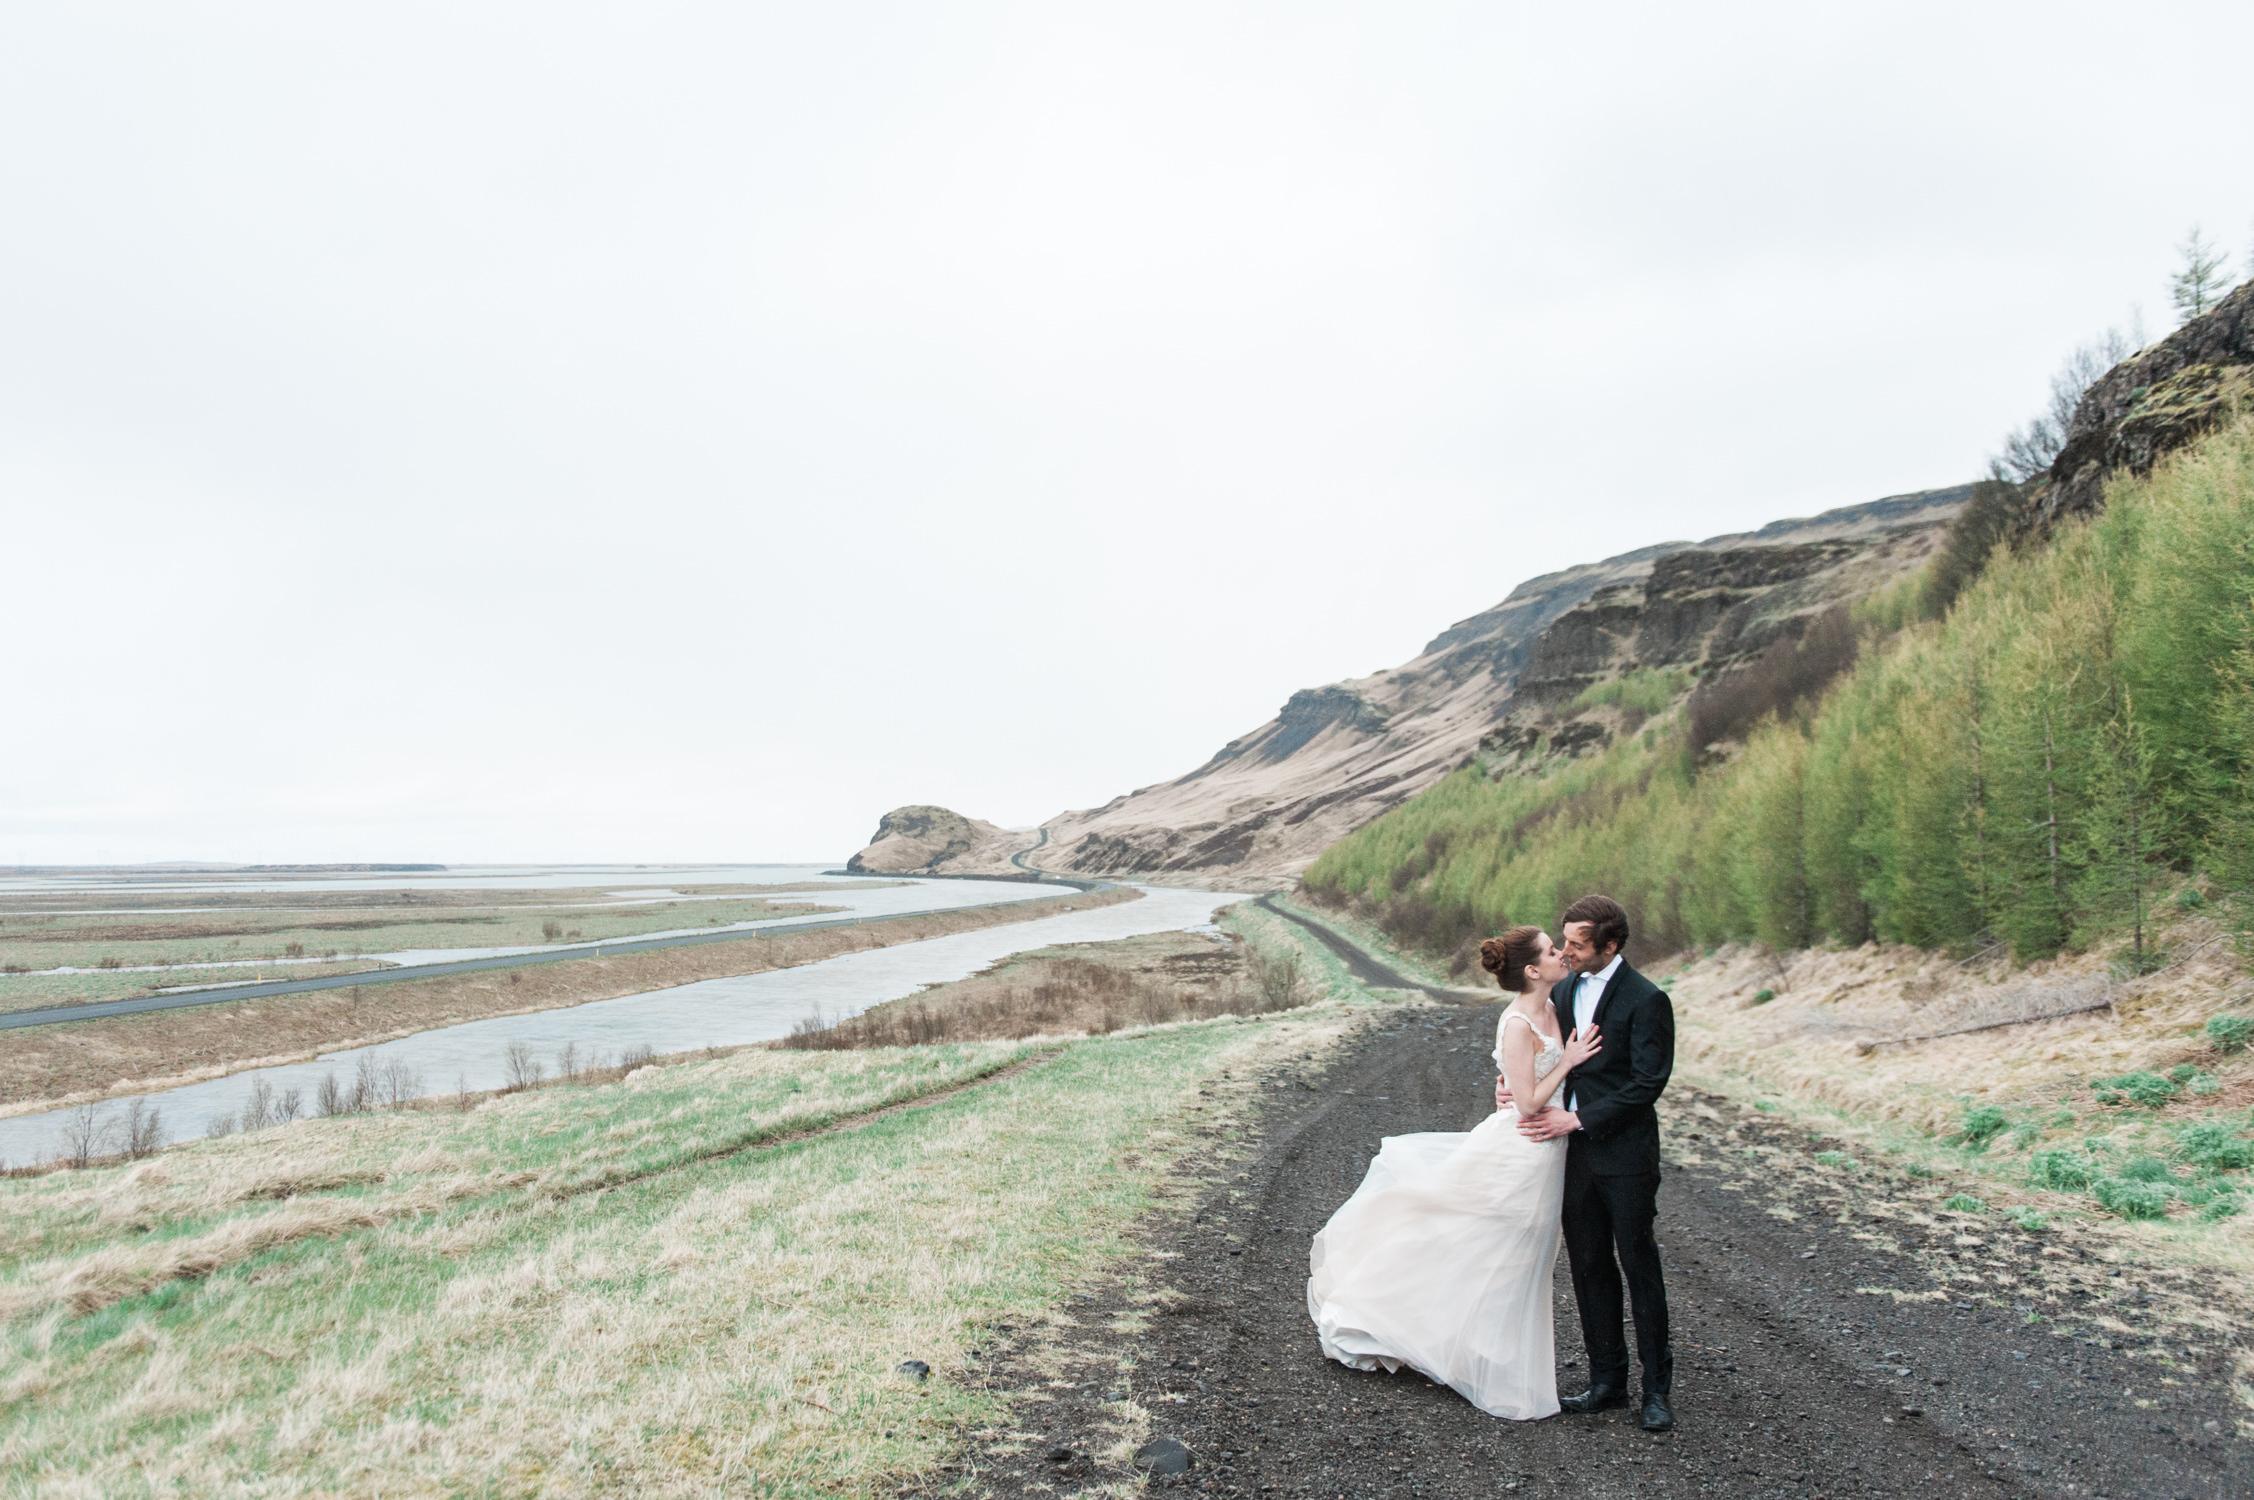 Bruidspaar dat trouwt in het buitenland in Europa